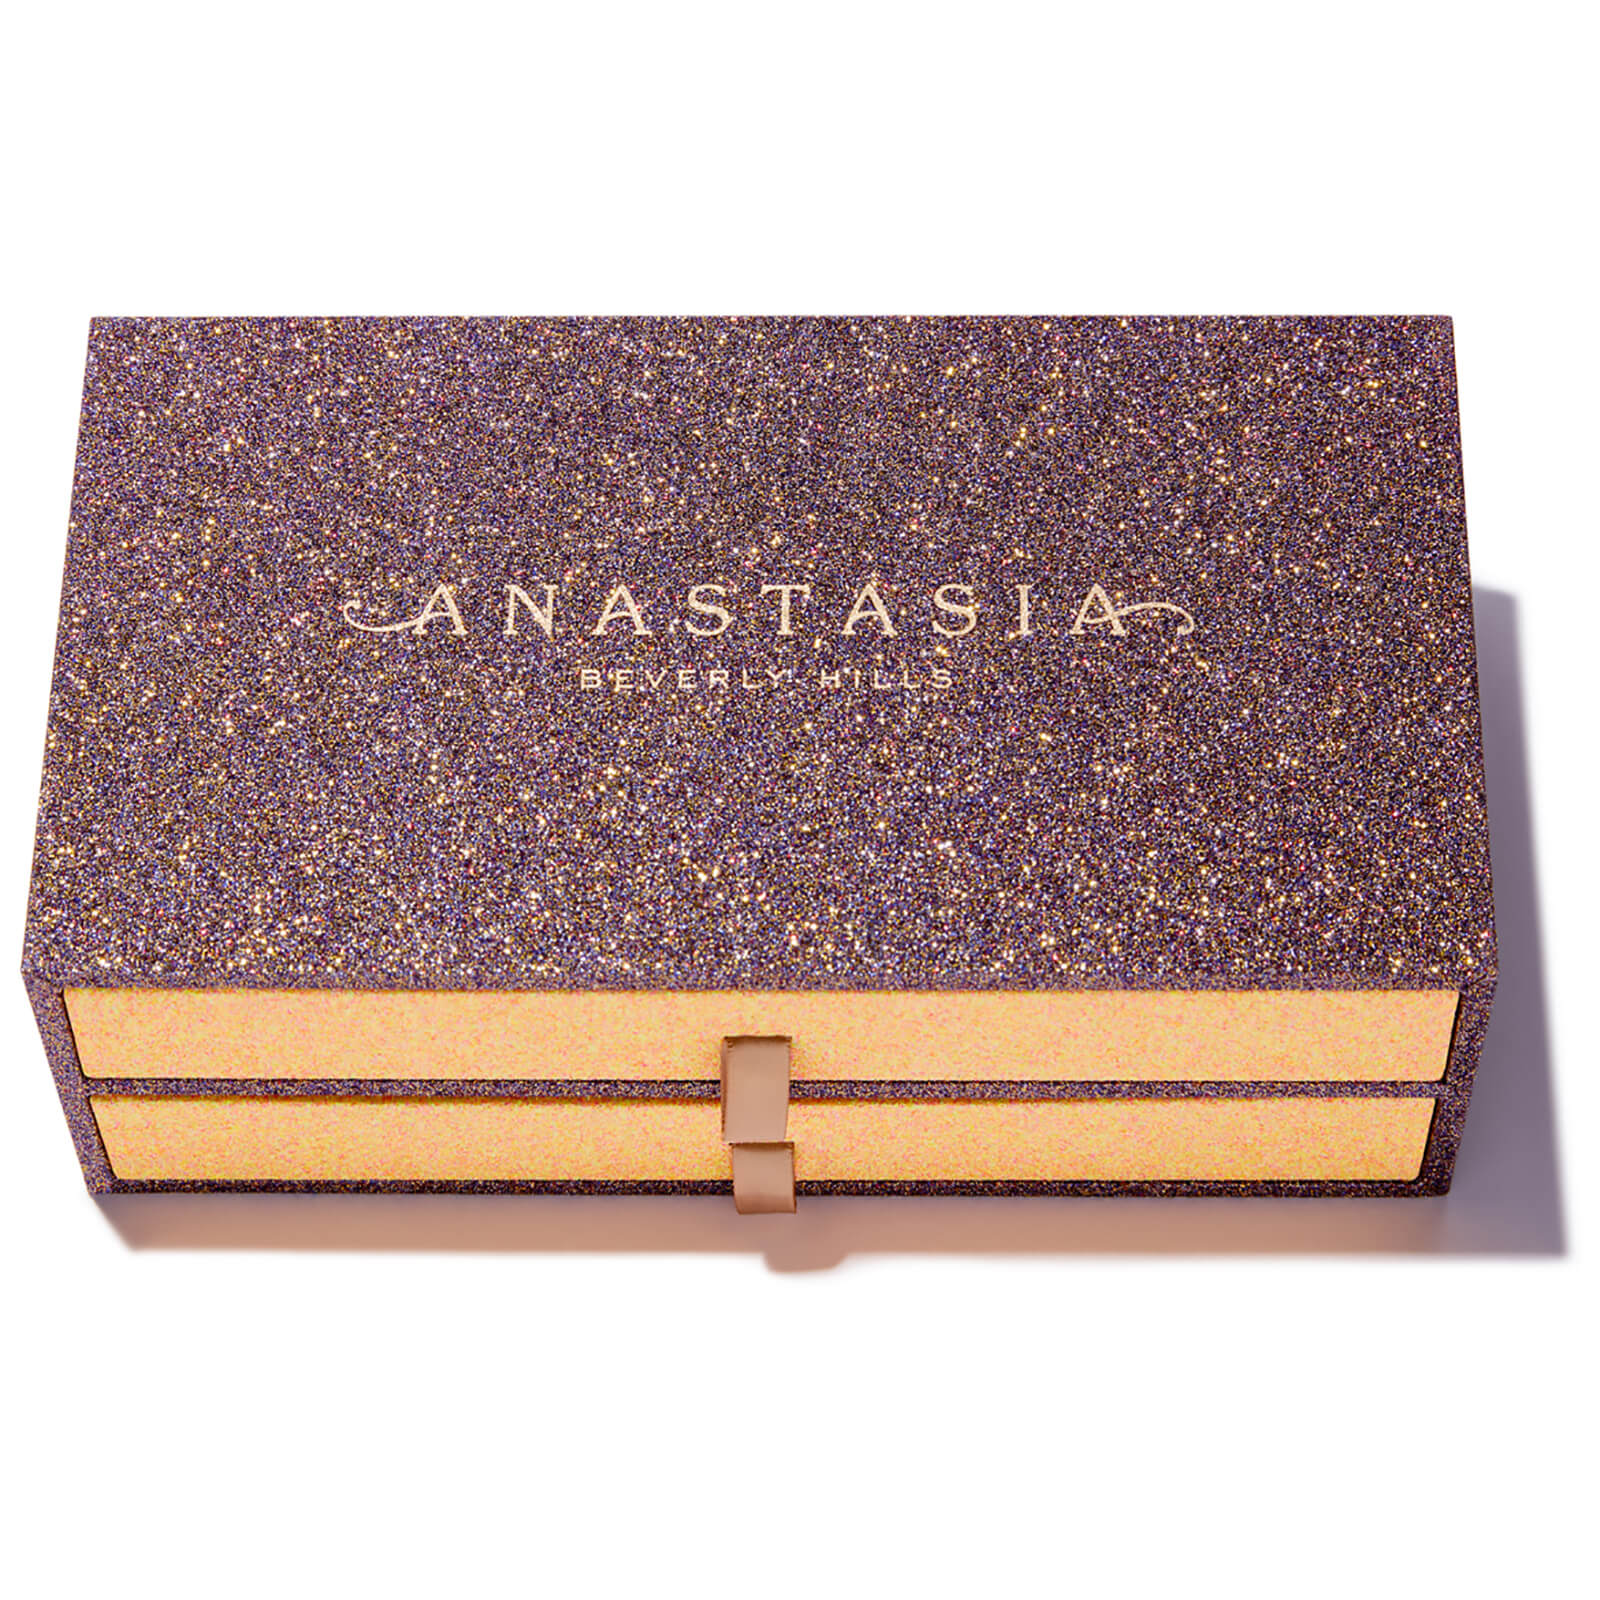 Anastasia Beverly Hills Eye Shadow Palette Vault (Worth £92.00)